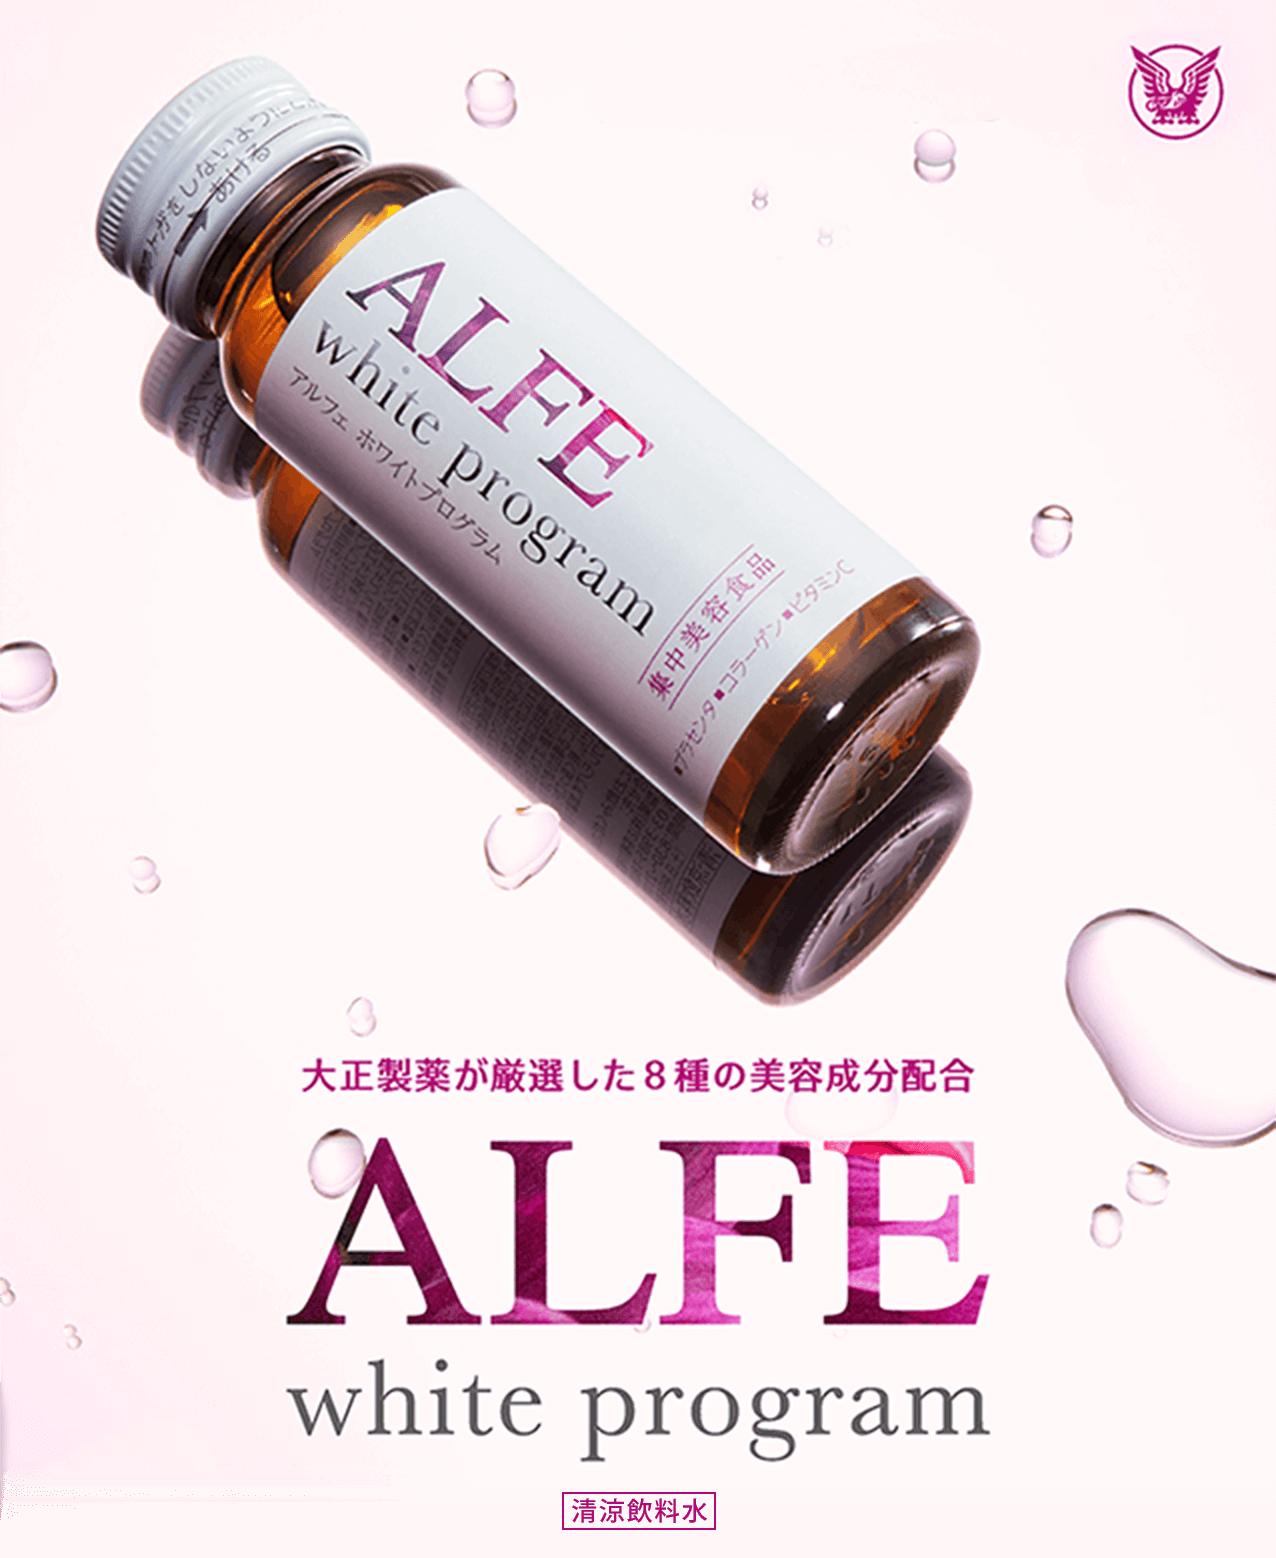 大正製薬が厳選した8種の美容成分配合 ALFE white program (清涼飲料水)